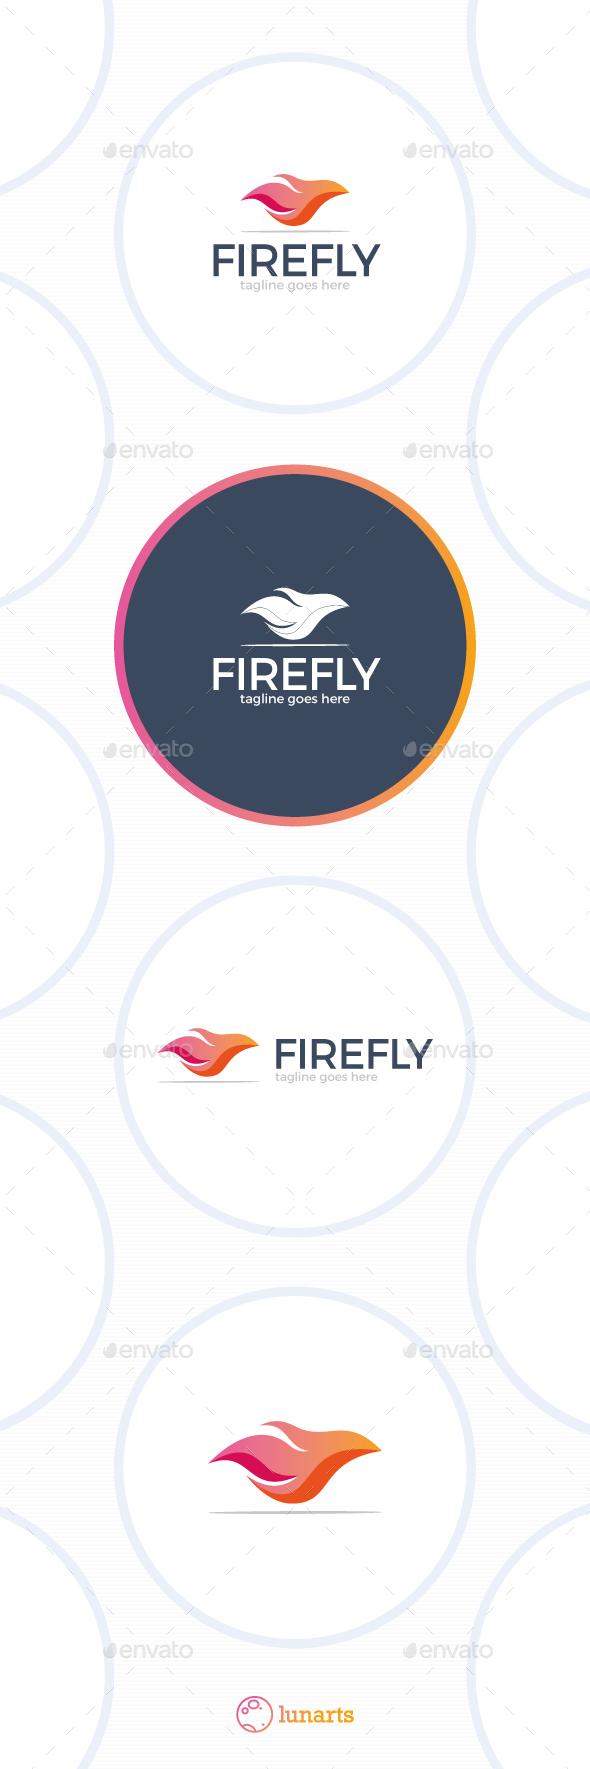 Fire Fly Logo - Symbols Logo Templates